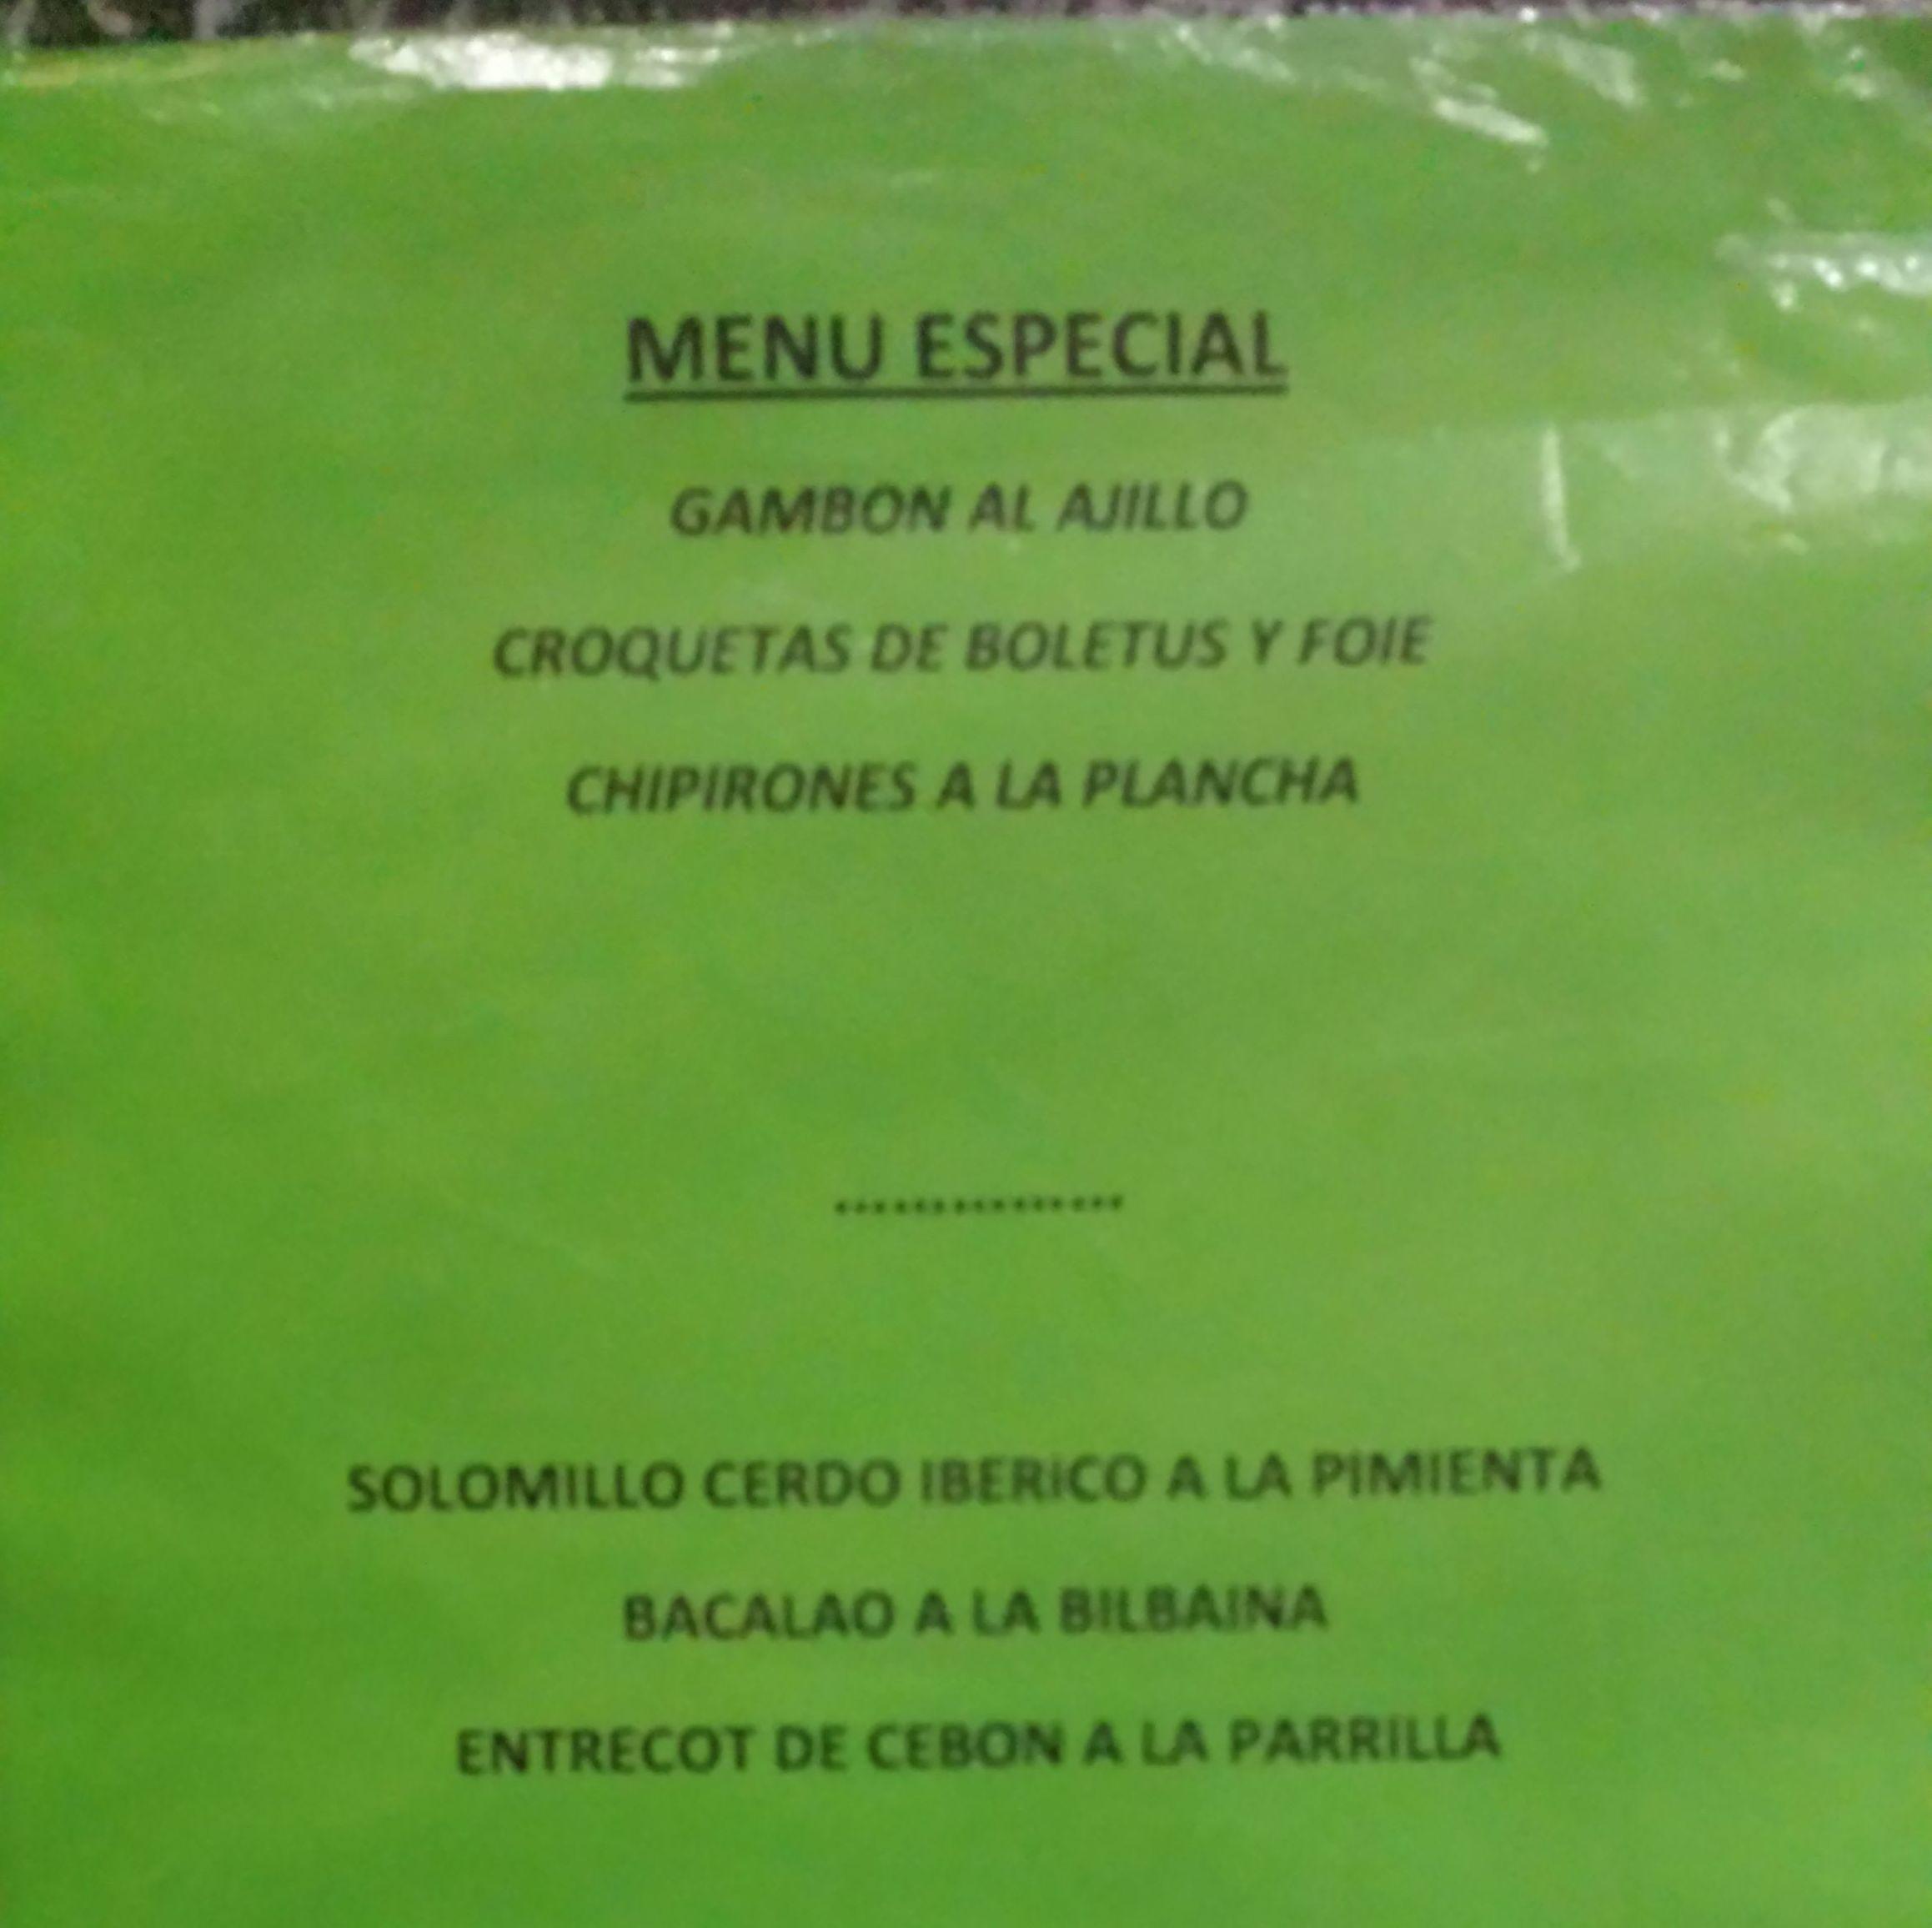 Foto 28 de Cocina castellana en Madrid | Restaurante Gonzalo